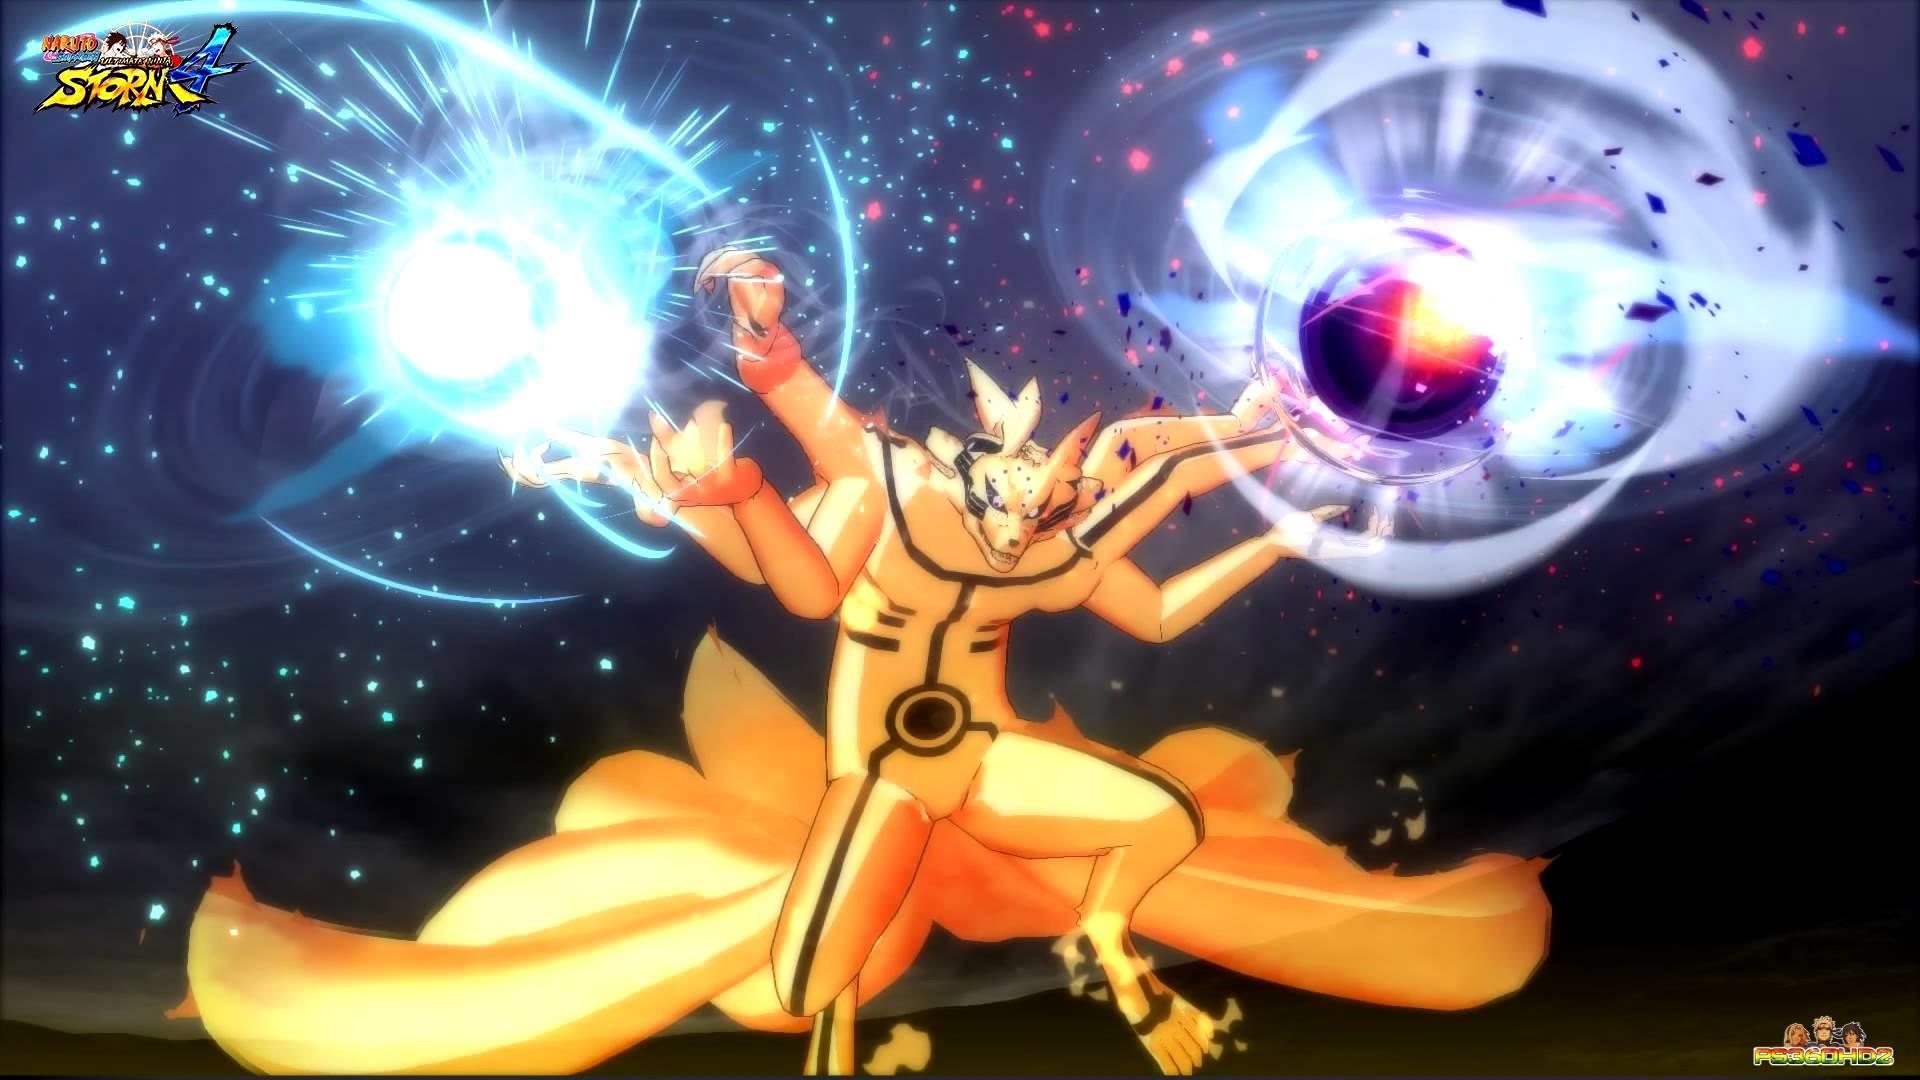 Naruto Shippuden Ultimate Ninja Storm 4 – Sasuke vs Naruto Screenshots